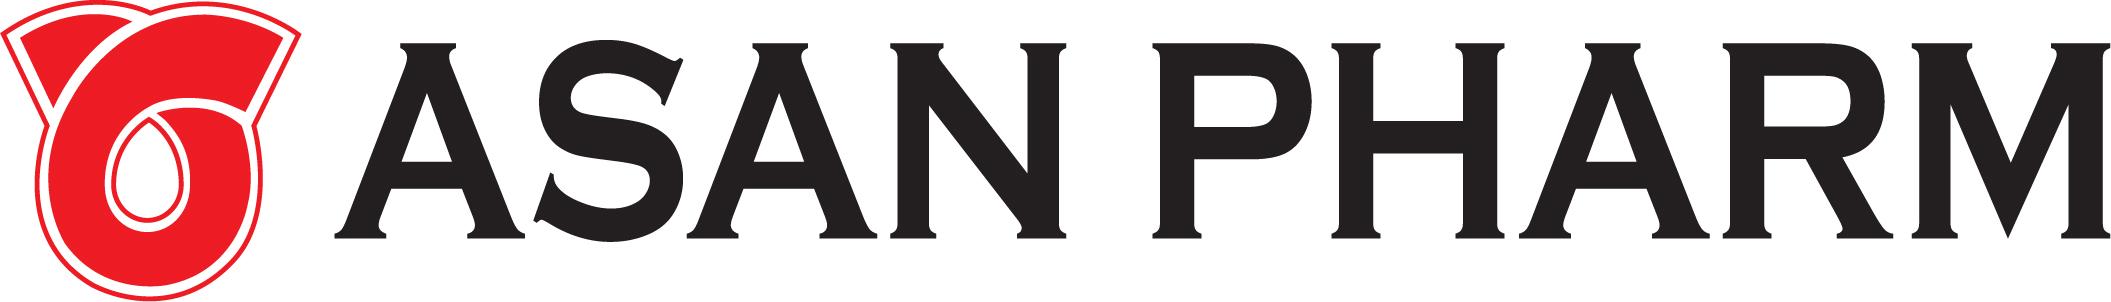 Логотип Asan Pharm. Co., Ltd. (Корея)